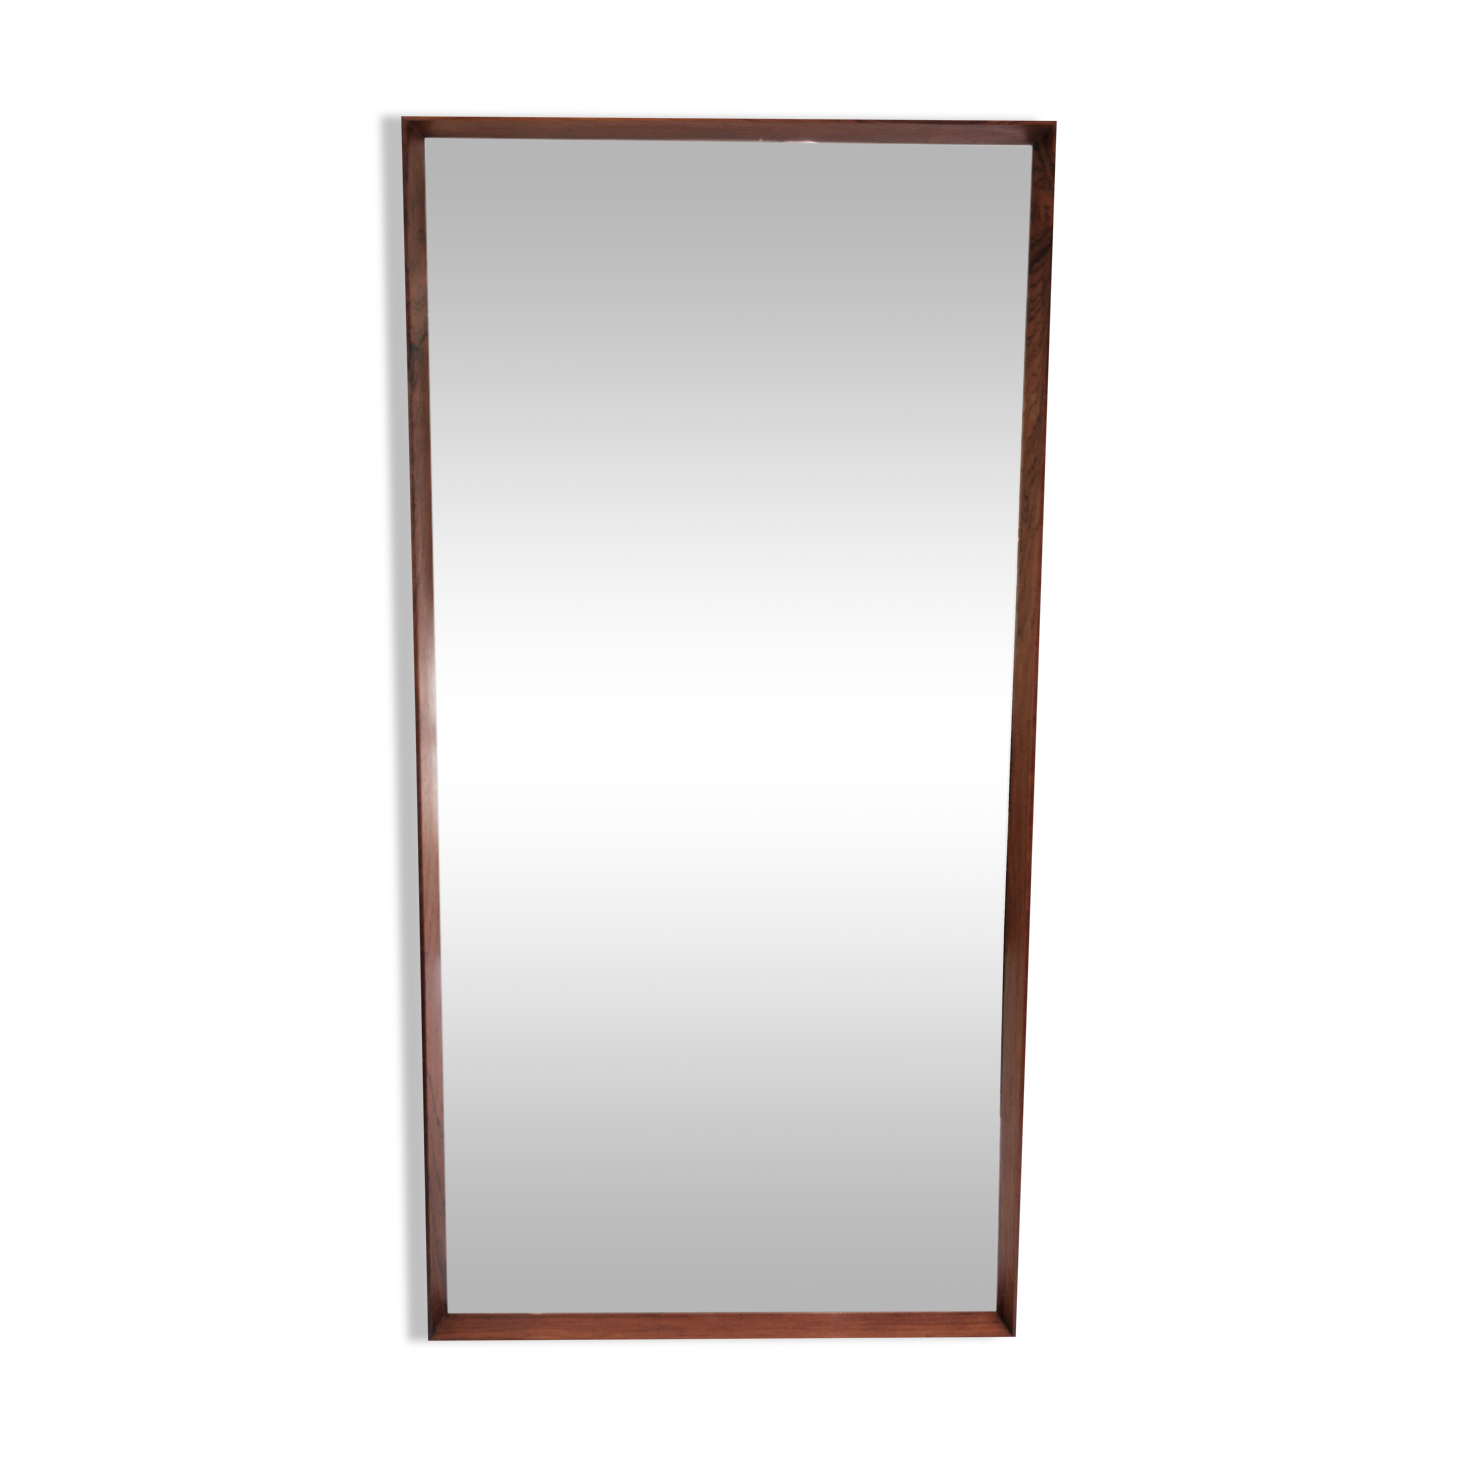 Miroir en palissandre de design danois des années 1960 112x56cm